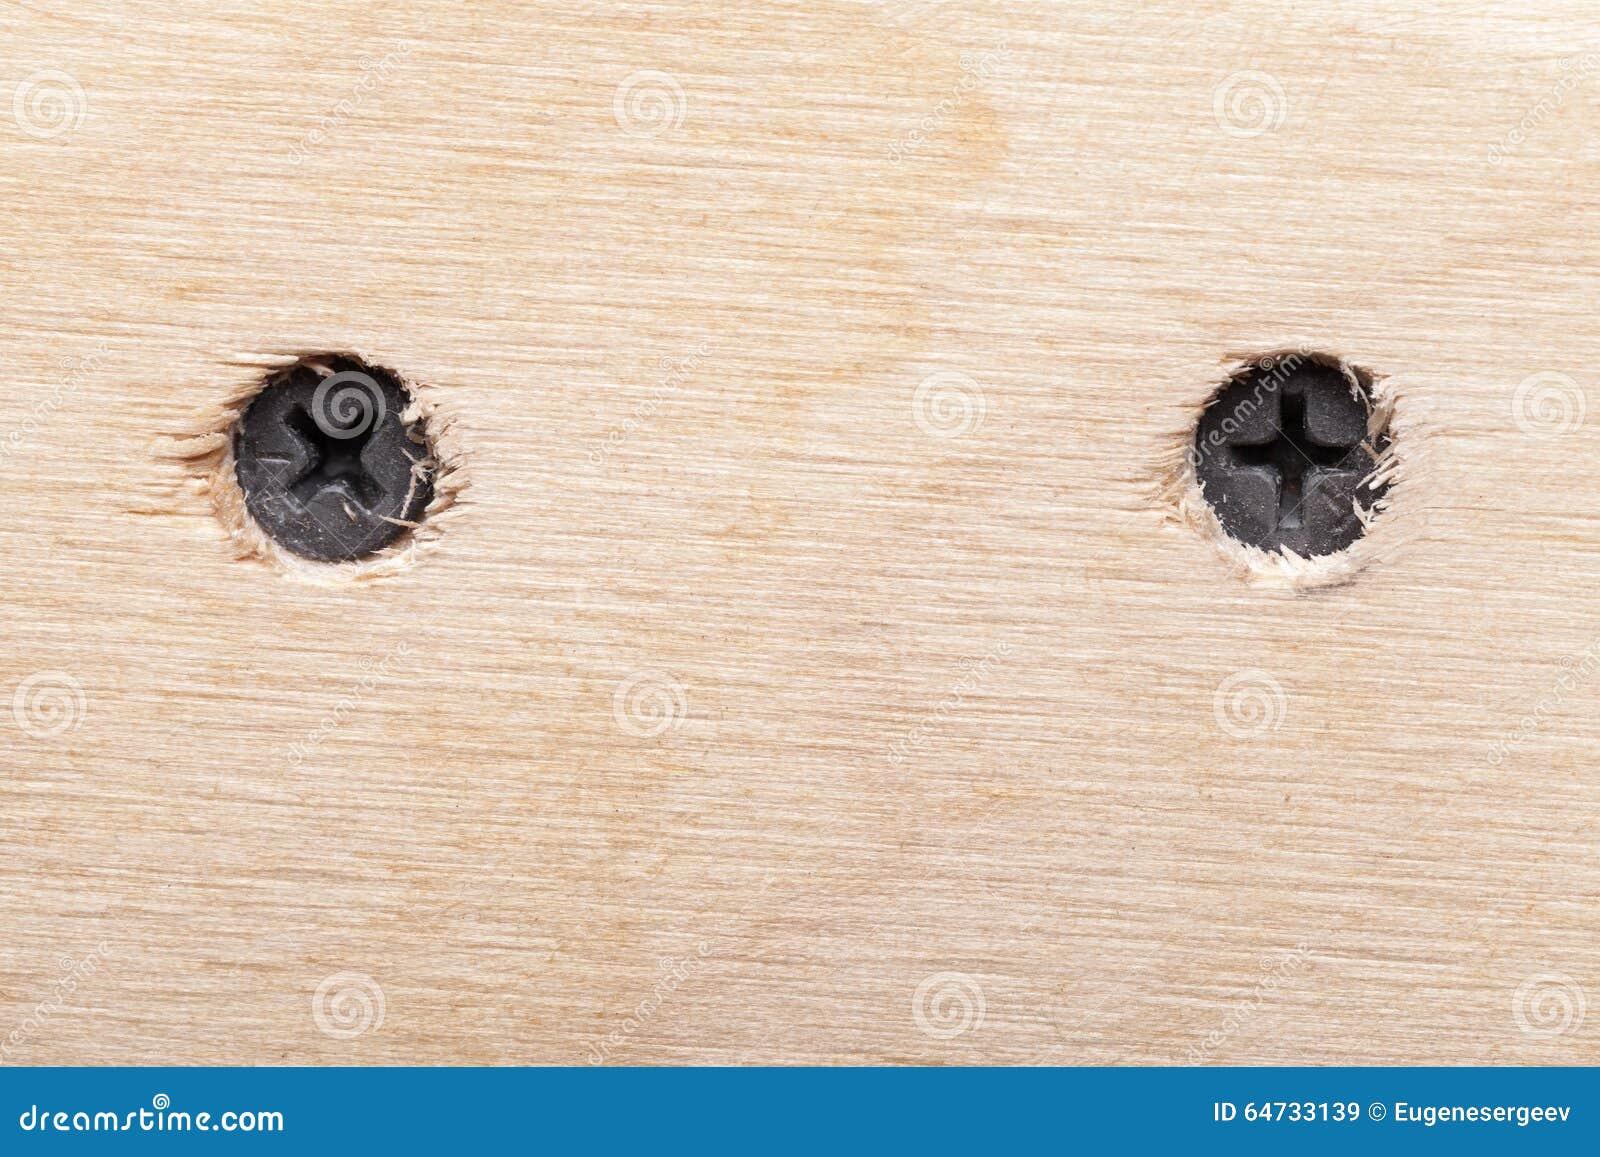 Due viti in plancia di legno ruvida